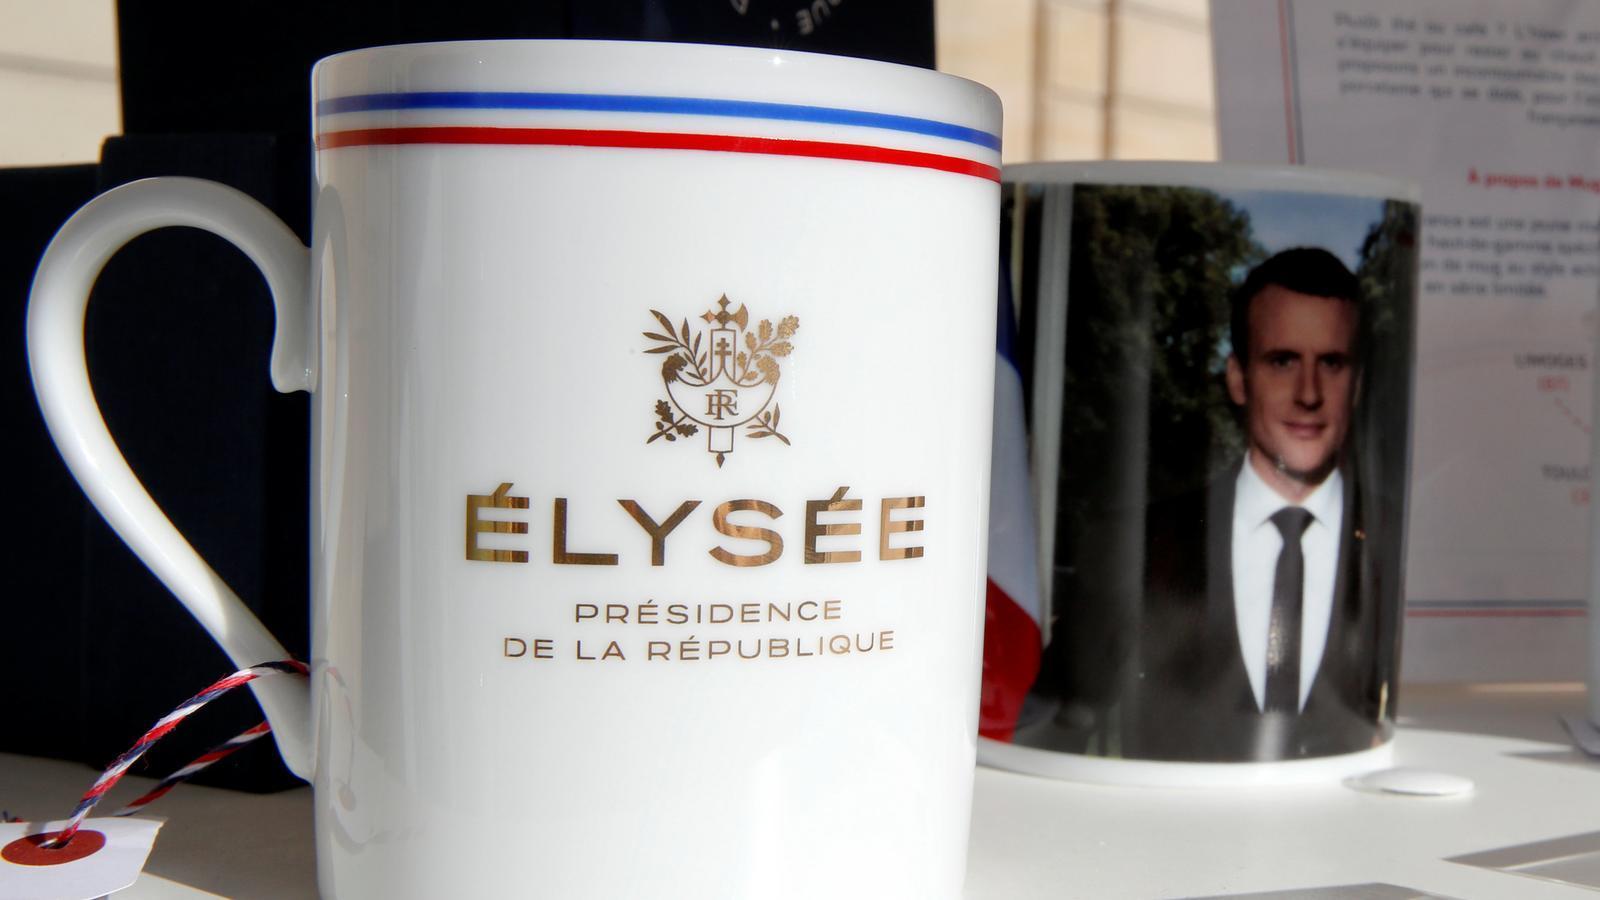 Tasses amb el segell de la República i la cara de Macron, en venda a la web